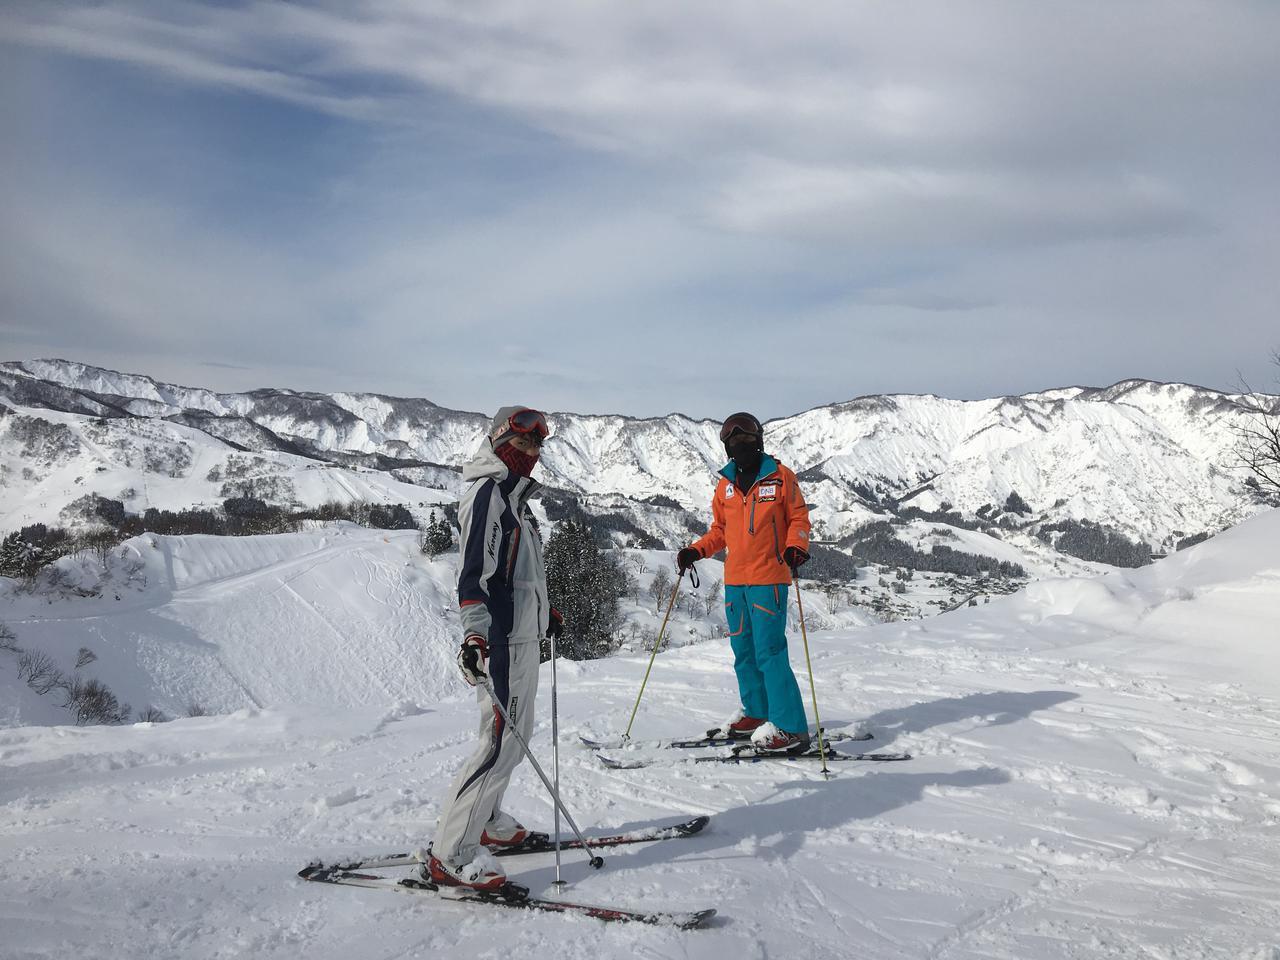 画像: 【初心者必見】スキー好きのライター直伝! 基本の滑り方&止まり方をマスターしよう - ハピキャン(HAPPY CAMPER)